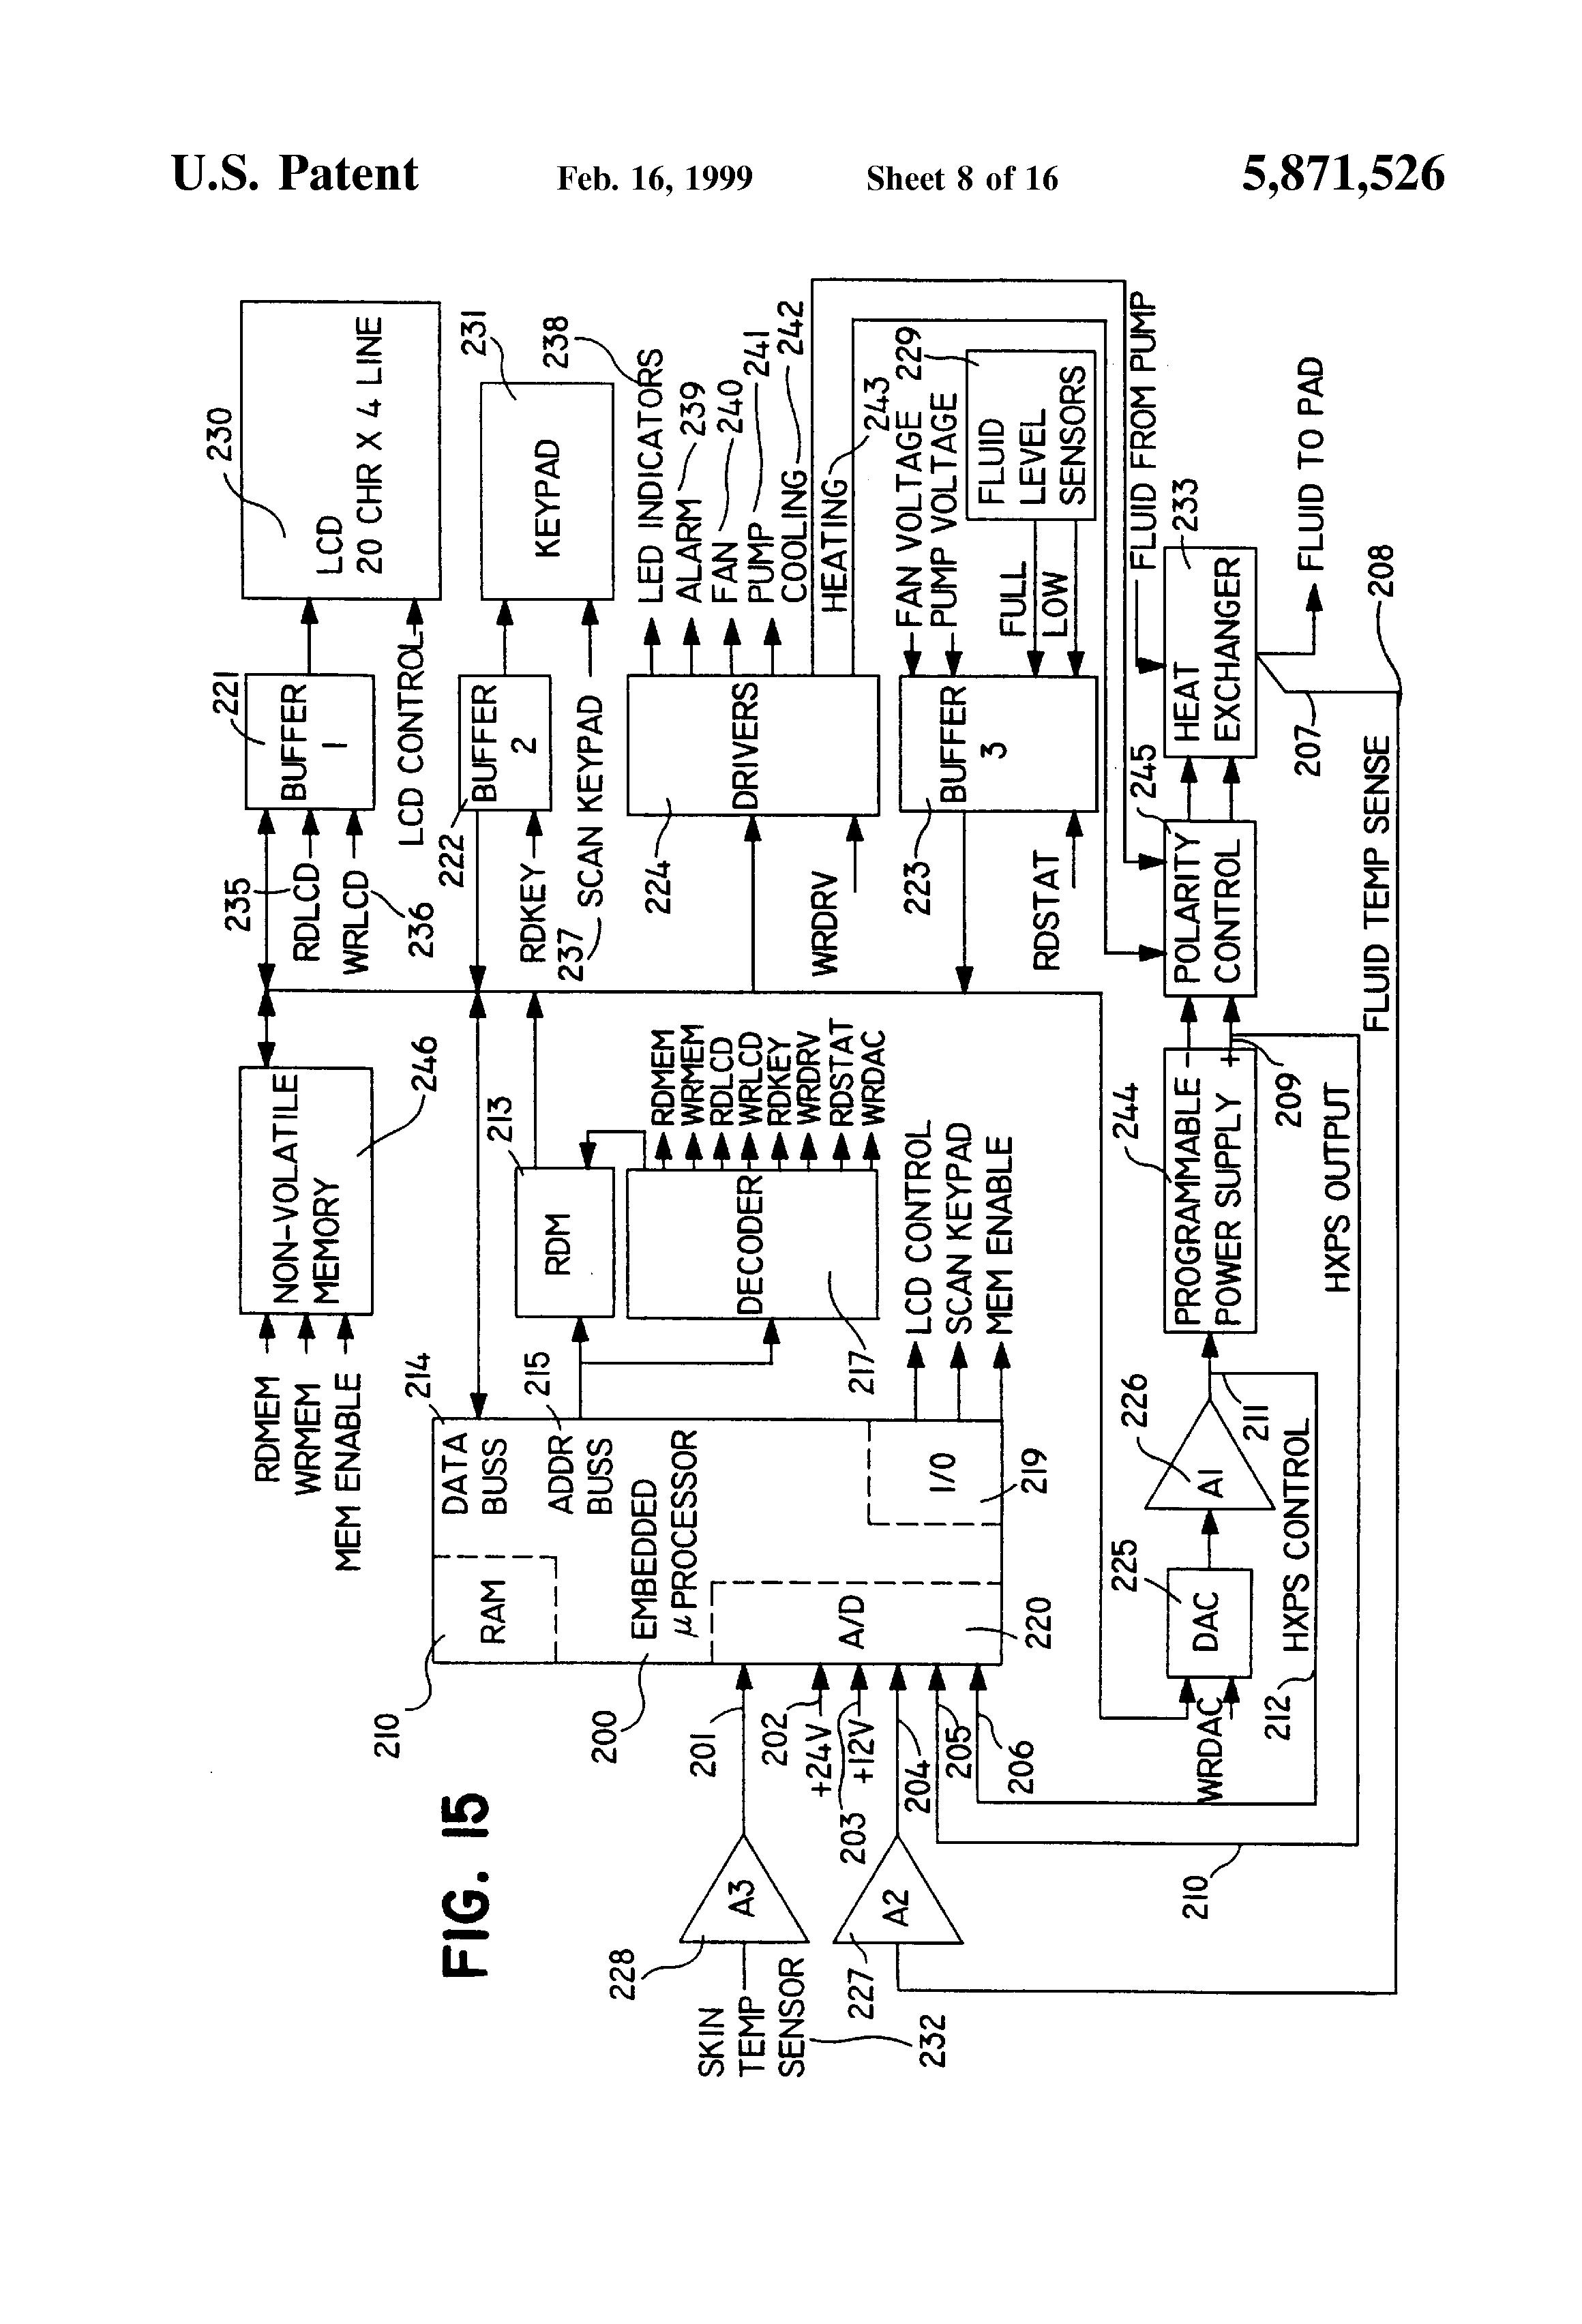 temperature control system comprising a temperature control unit and #343434